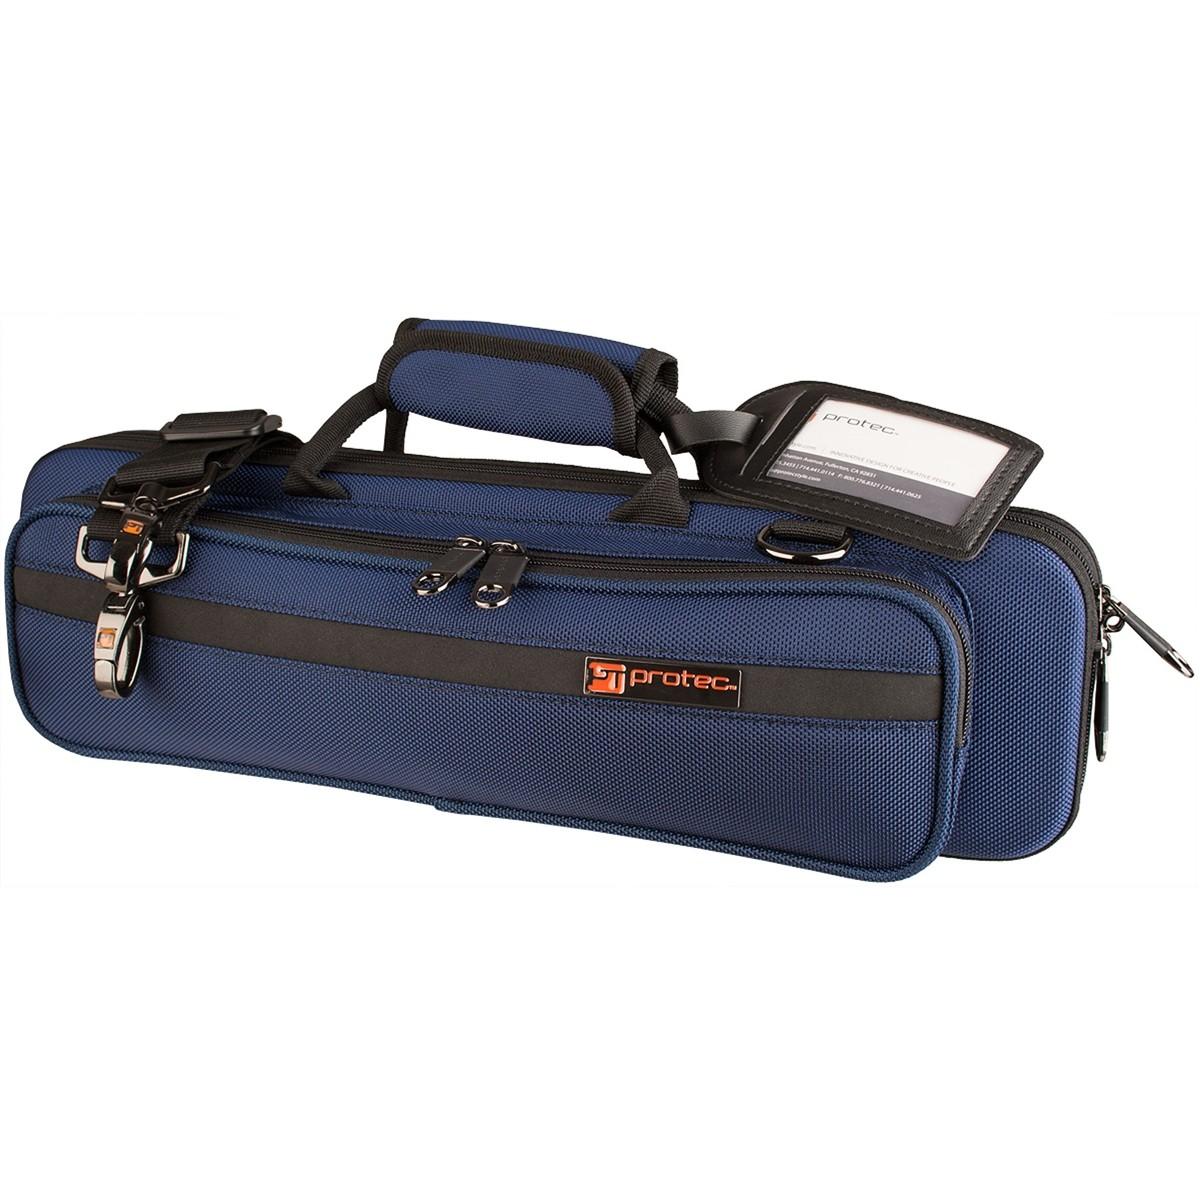 Protec Flute PRO PAC Case – Slimline (Blue PB308BX)